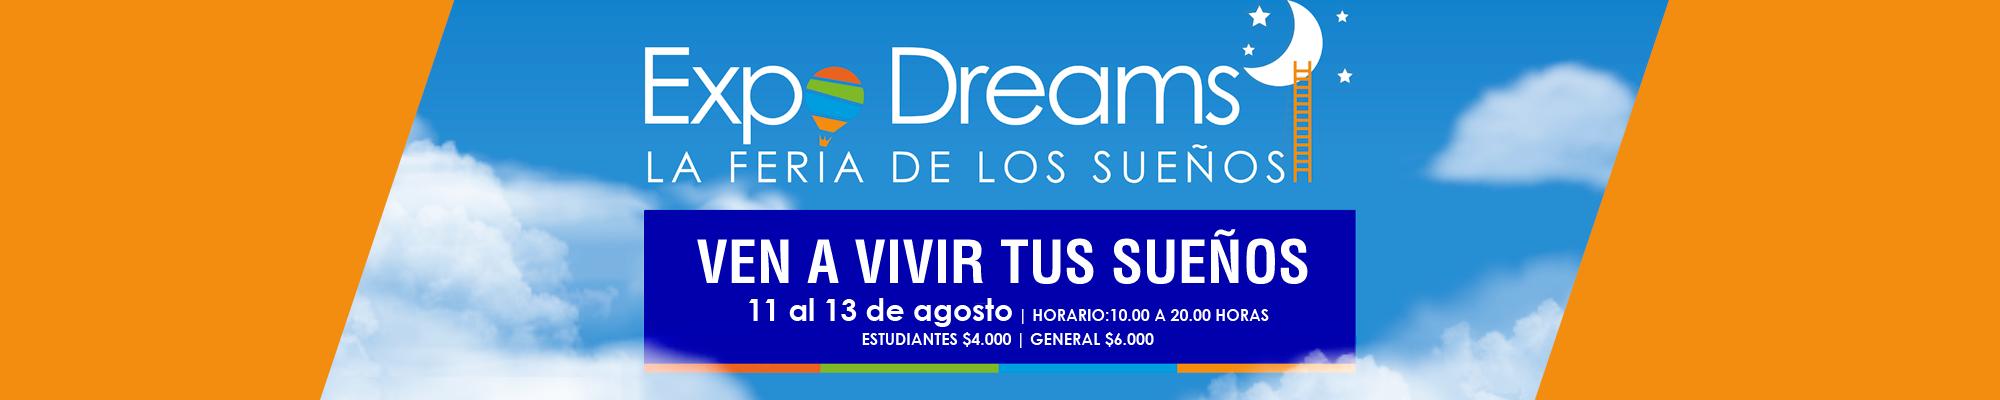 Expo Dreams. La feria de los sueños